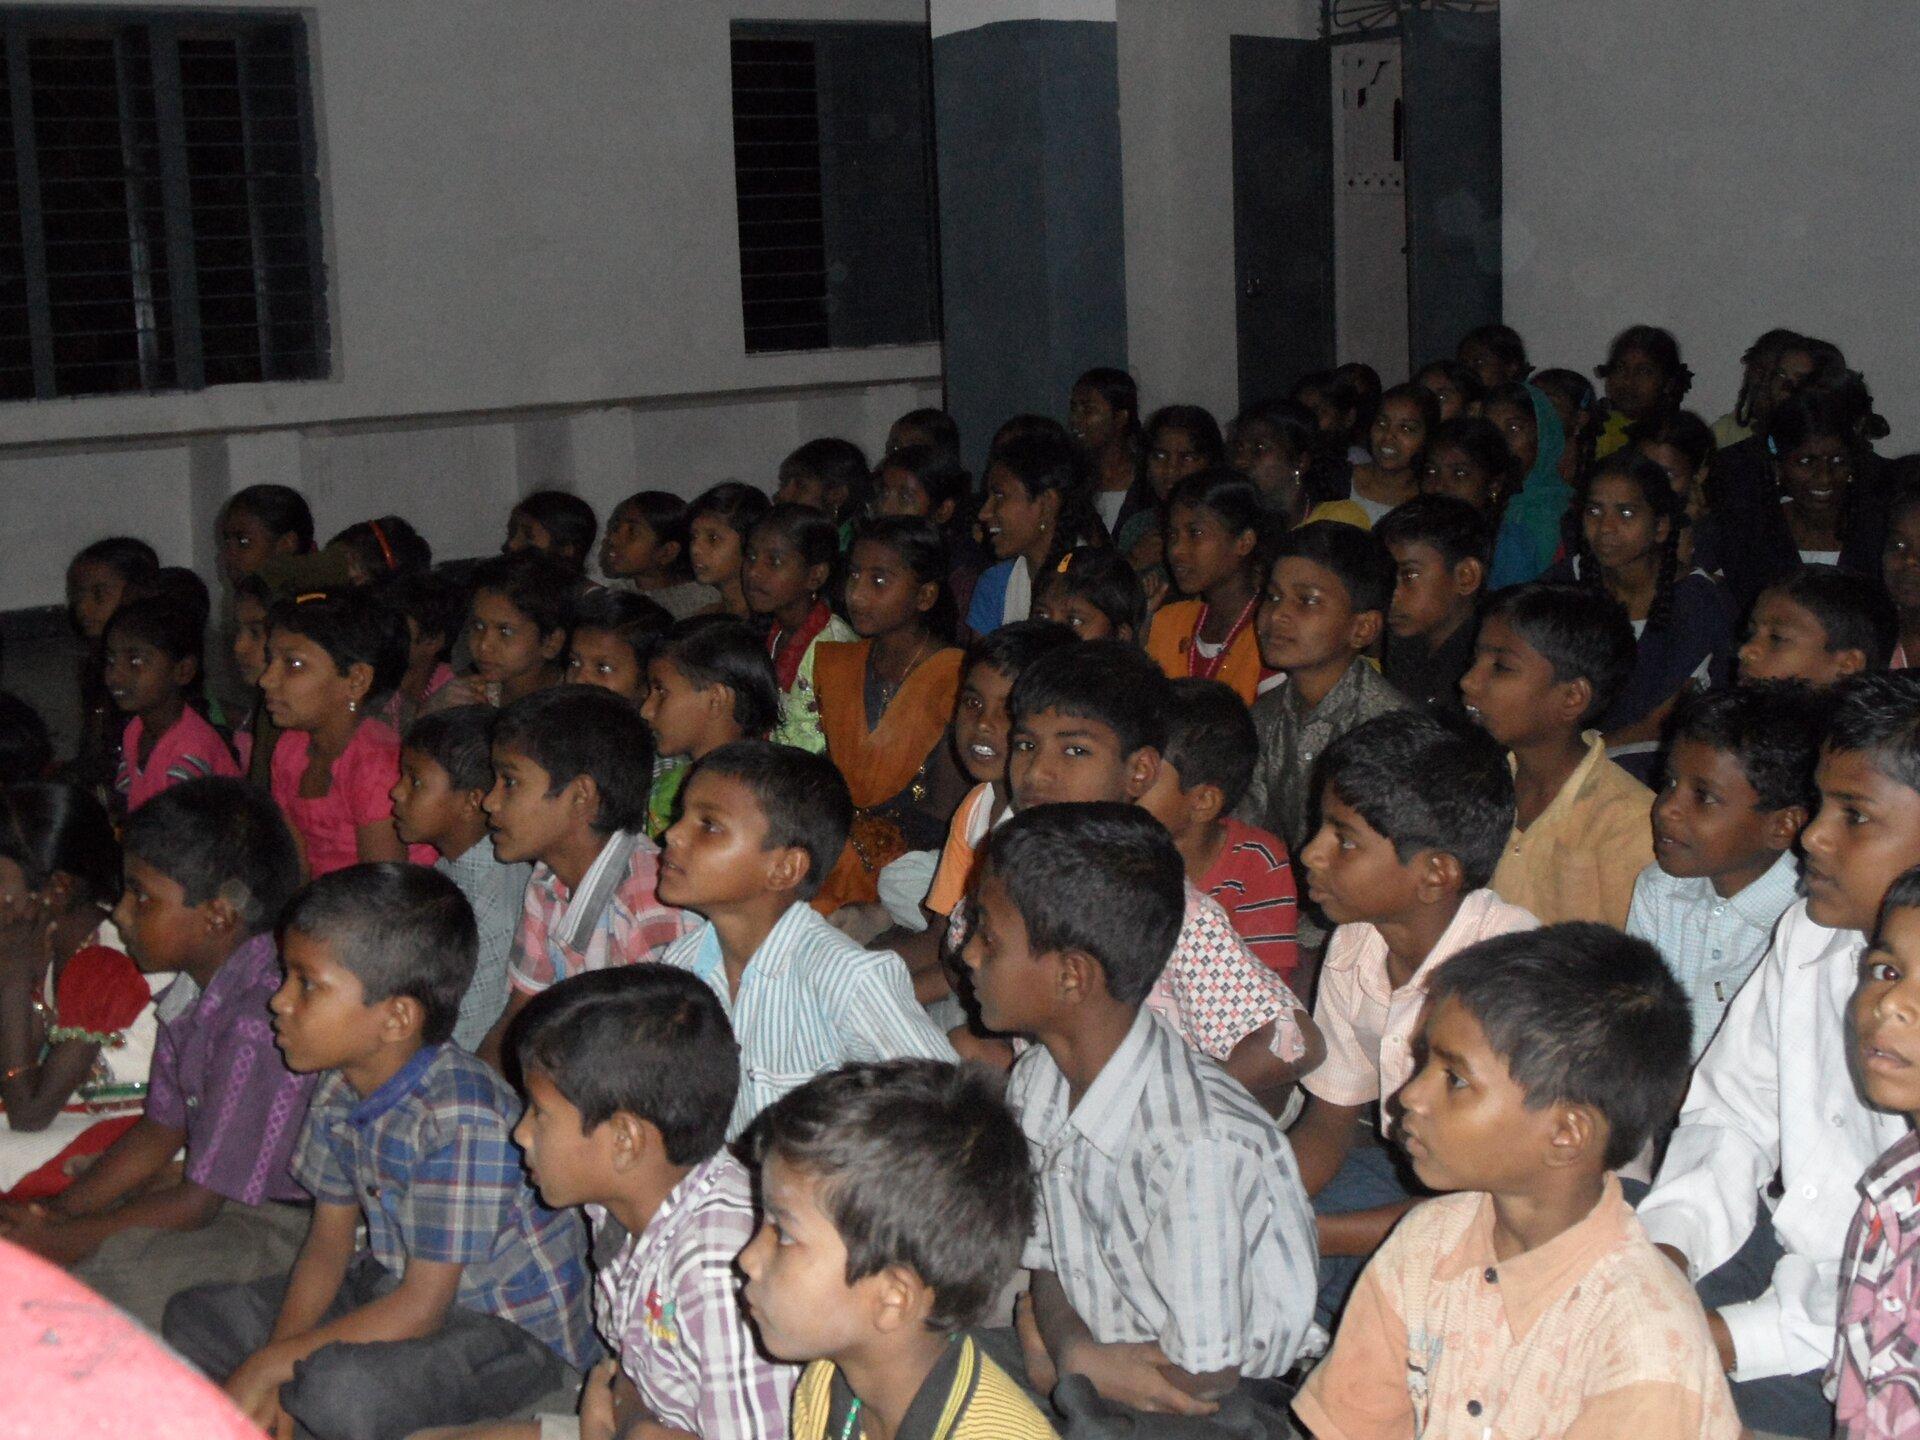 Na zdjęciu duża grupa dzieci siedzących ciasno obok siebie wsali.